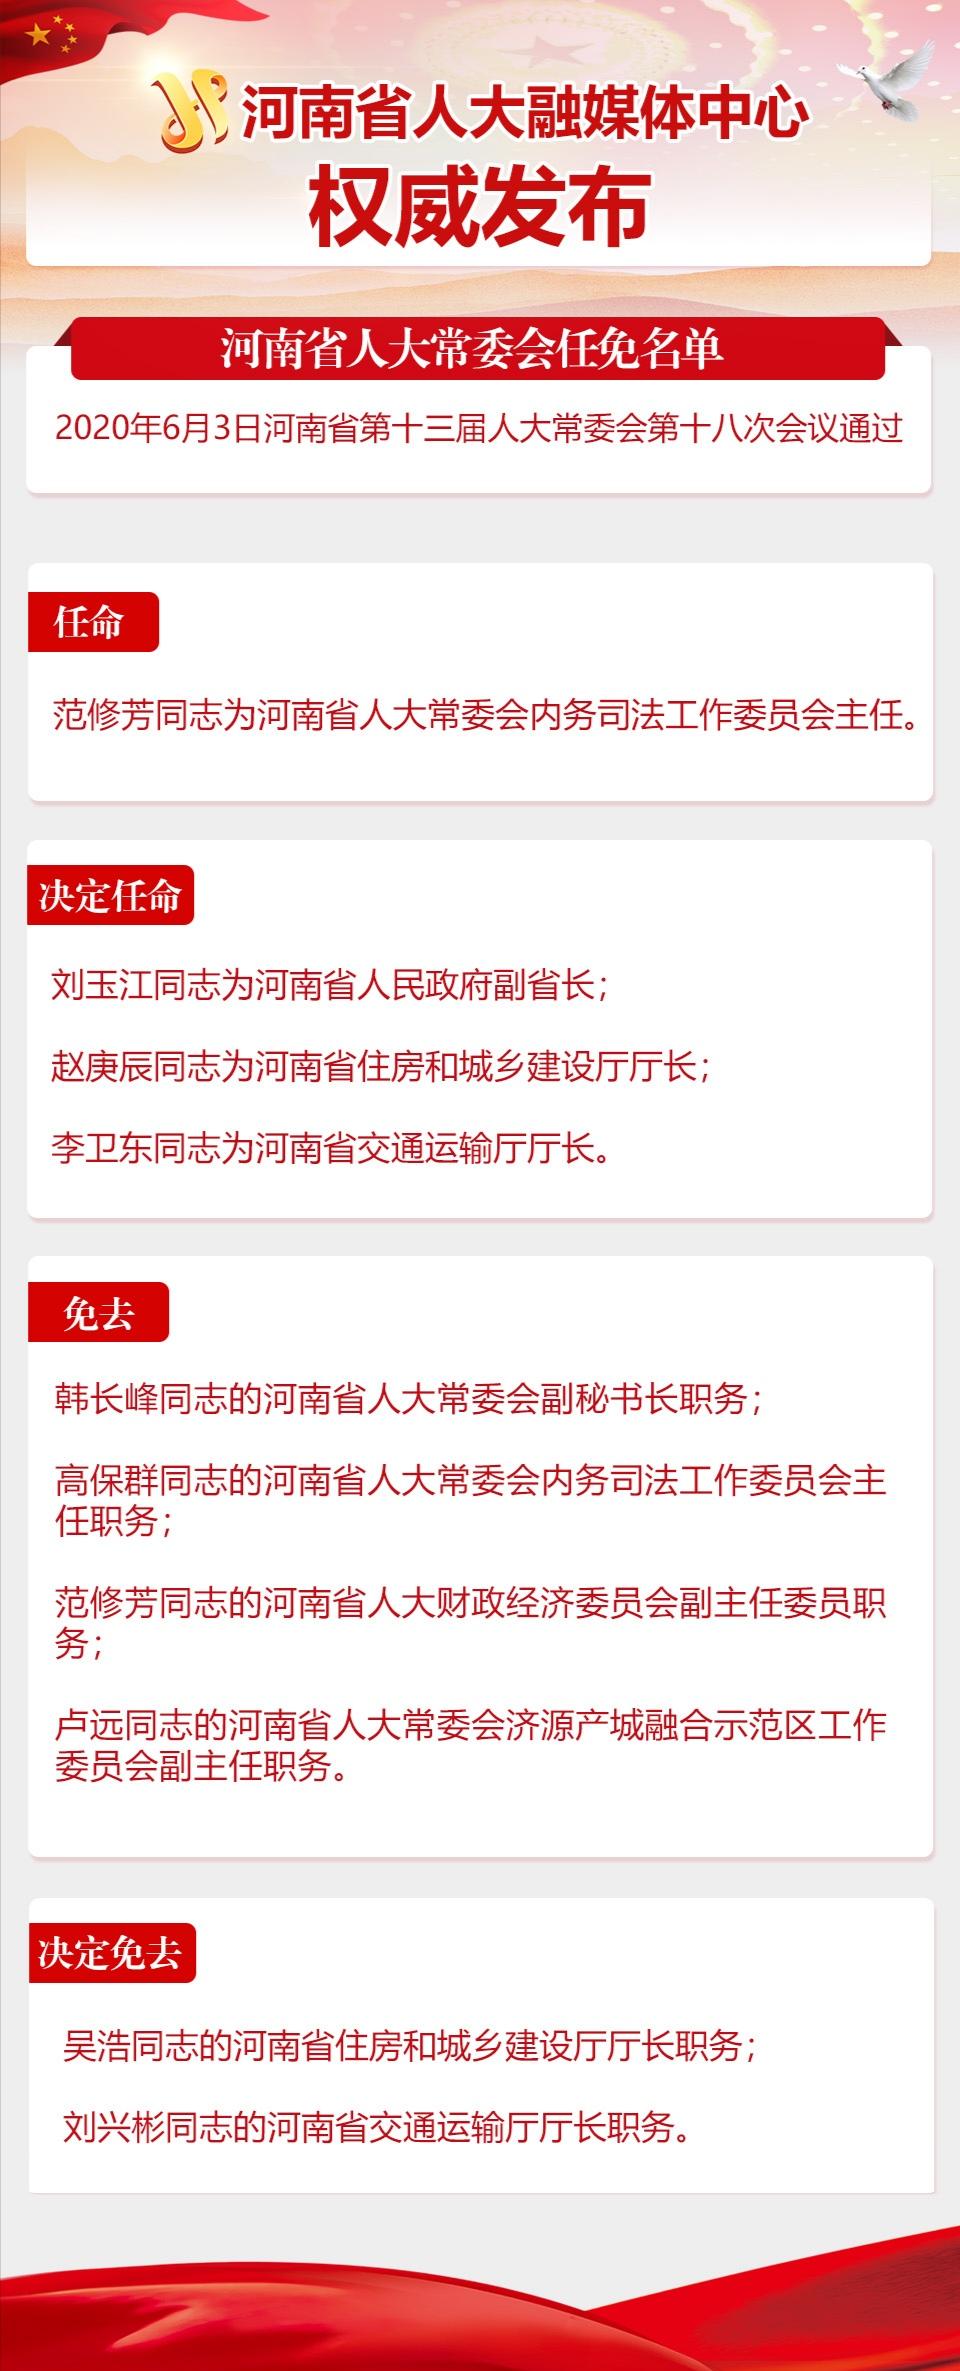 河南省十三届人大常委会第十八次会议发布任免名单